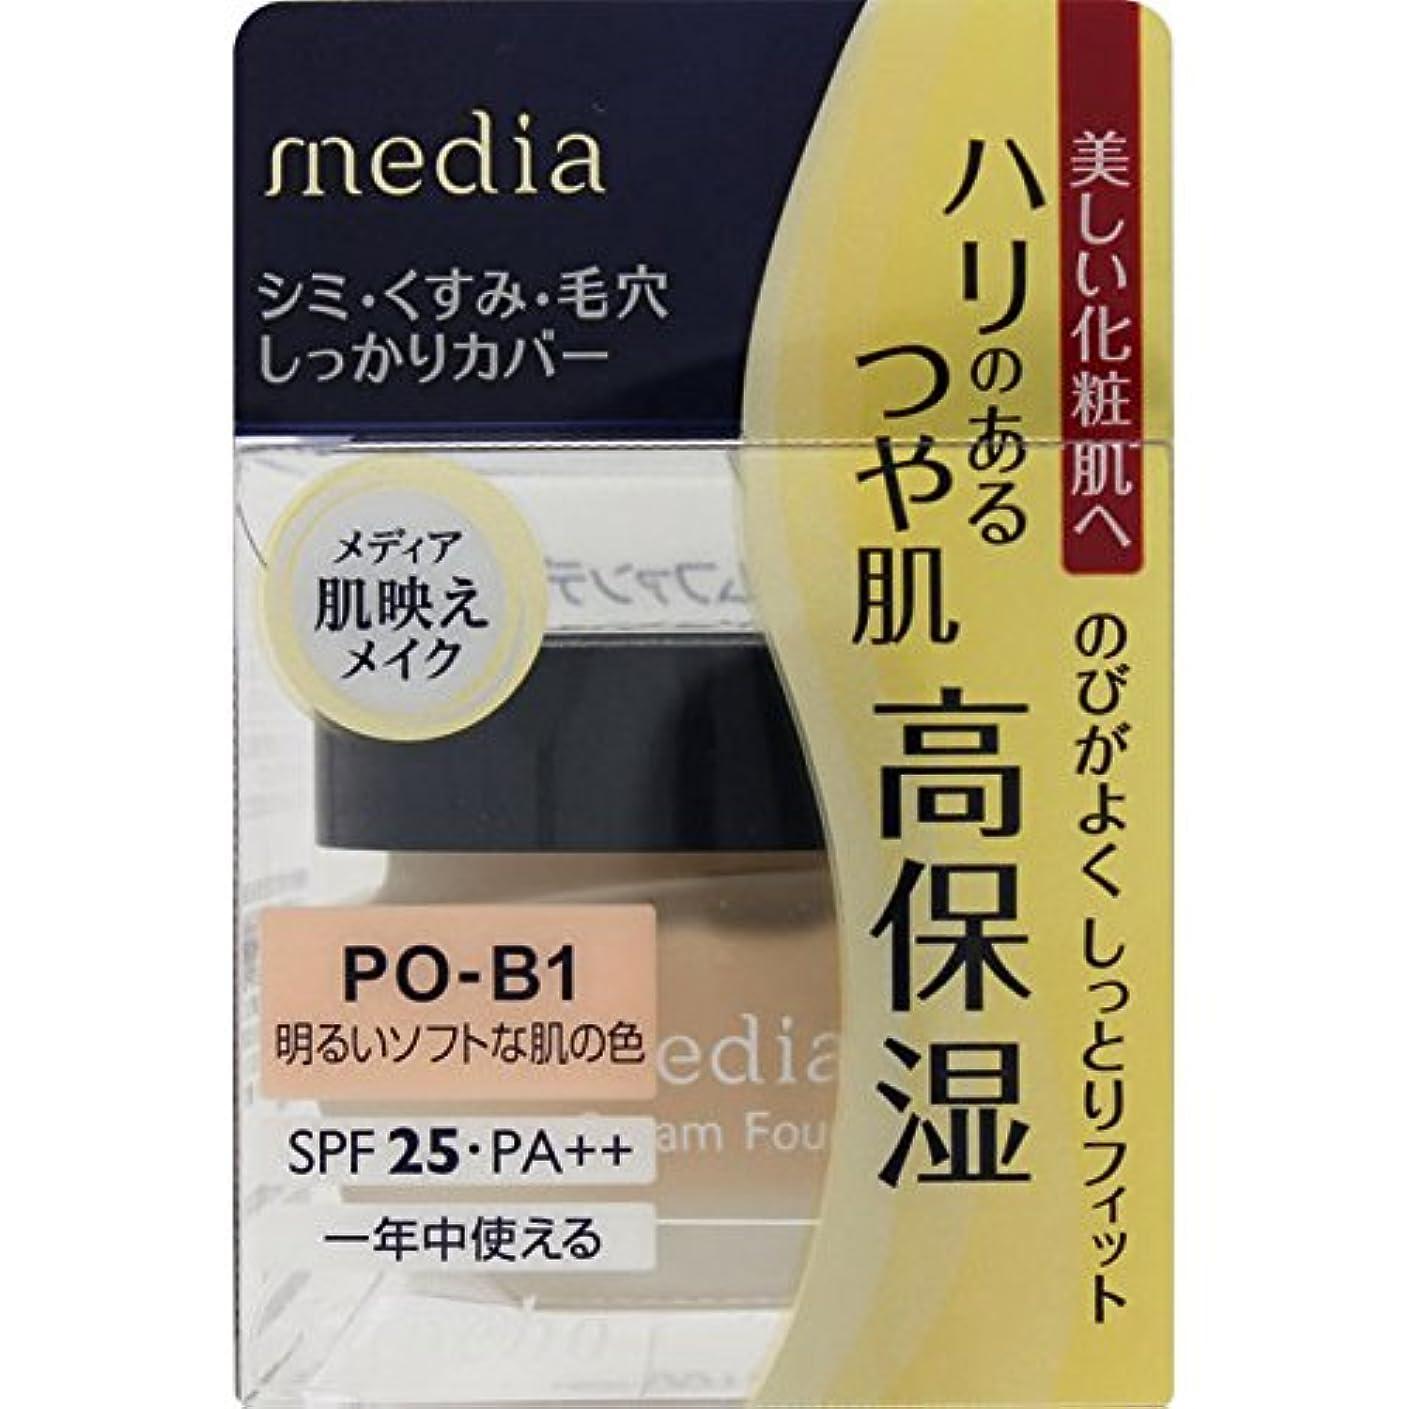 手のひら竜巻郵便物カネボウ化粧品 メディア クリームファンデーション 明るいソフトな肌の色 POーB1